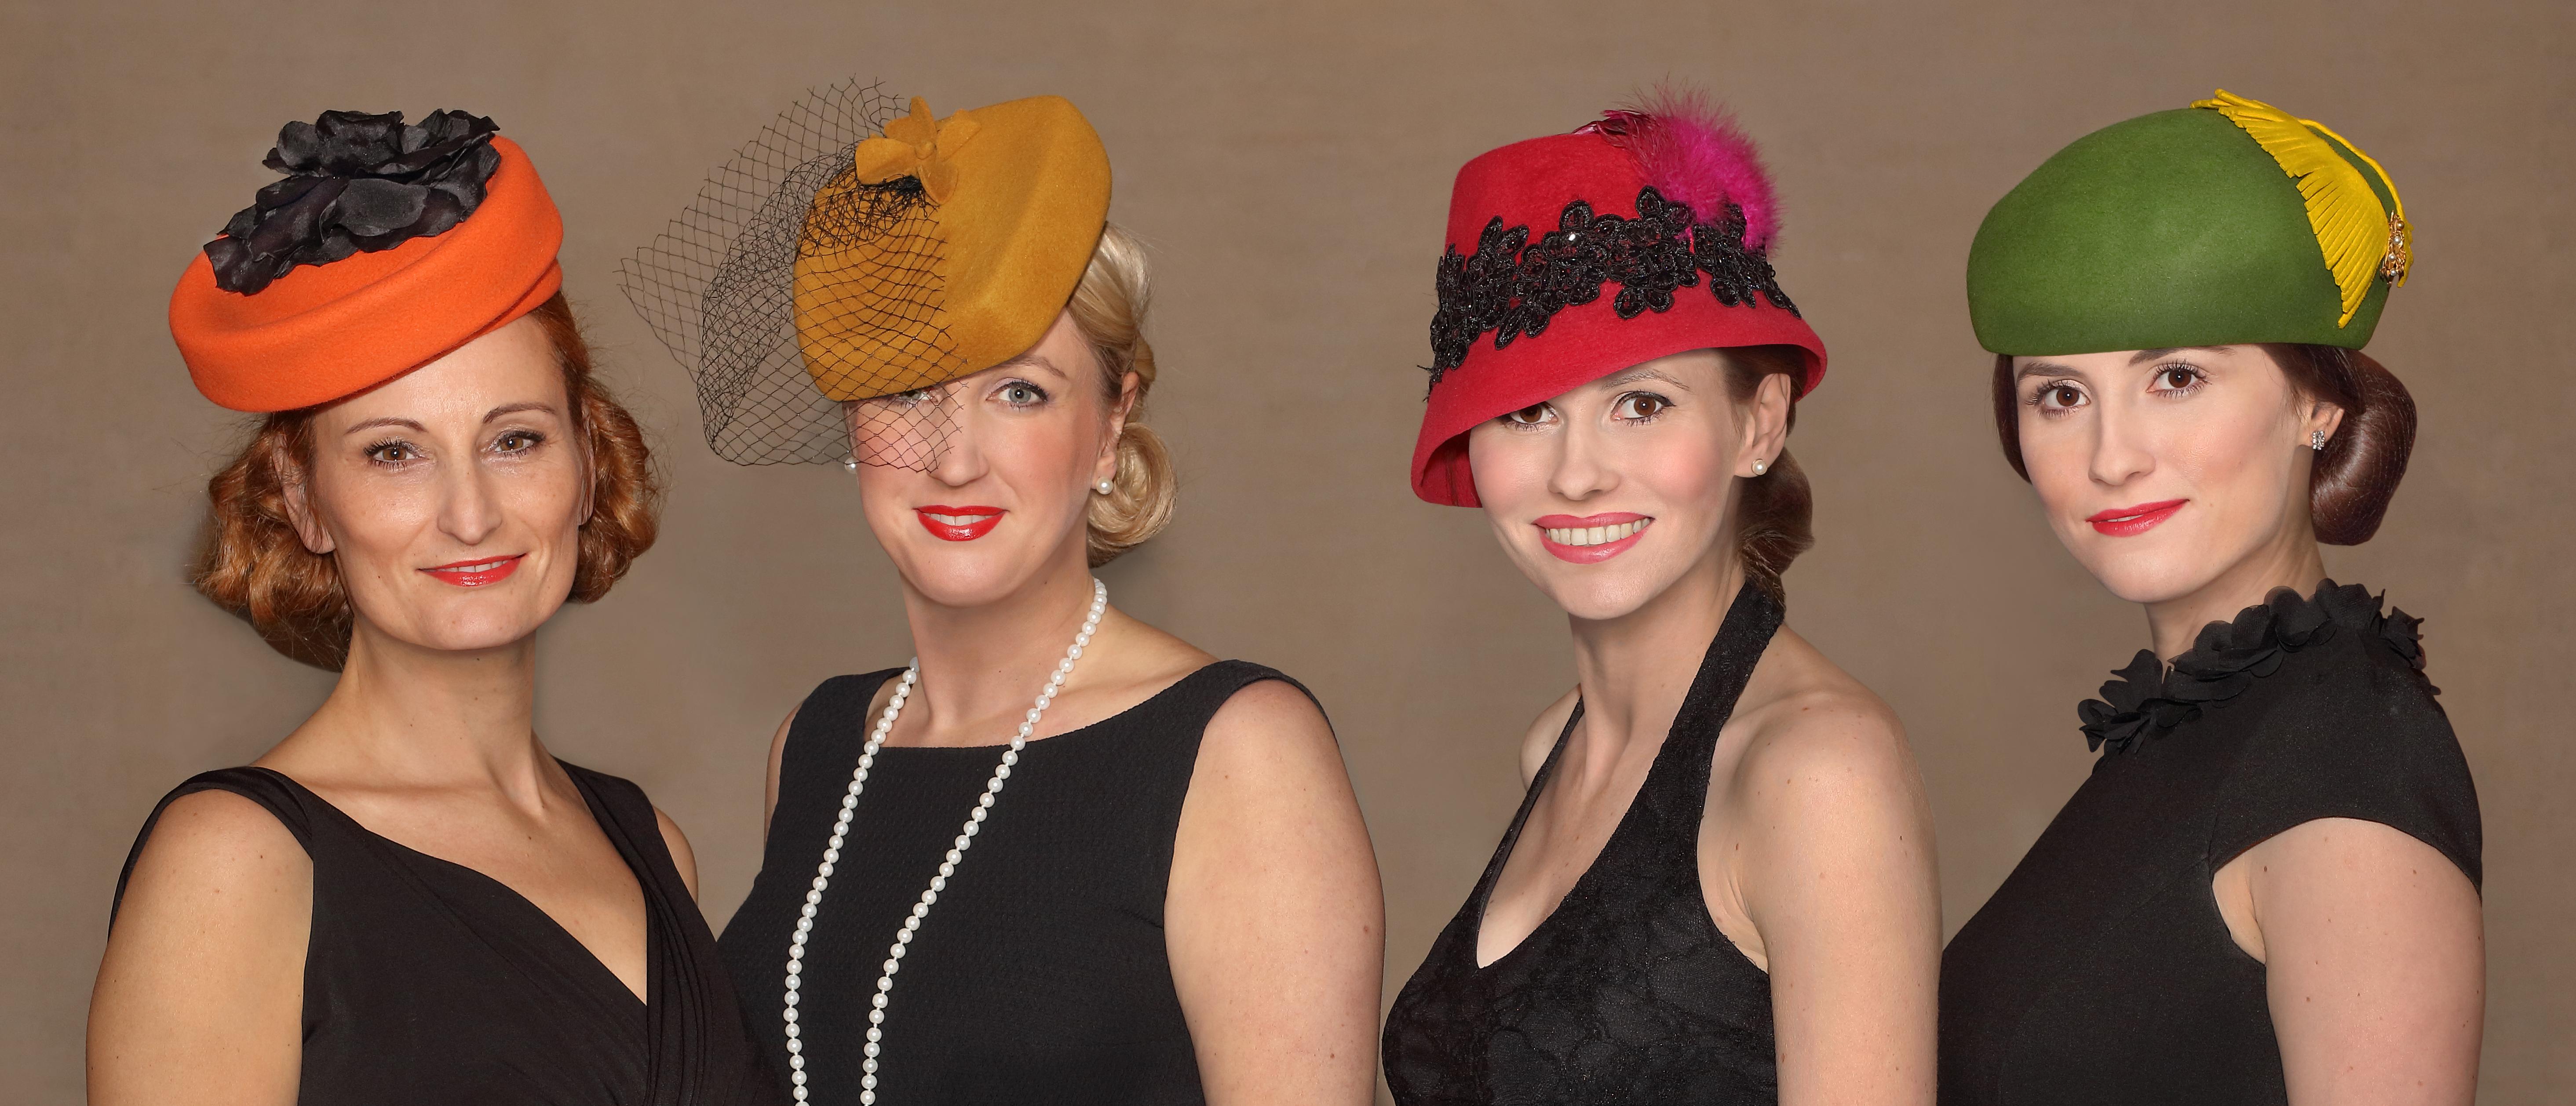 9. prosince dámská jízda mezi klobouky. Součástí akce bude i naše  přehlídka  V 18 hodin klobouková přehlídka proměny paní módy 20.-50. let  minulého století. 2820b4dc8e